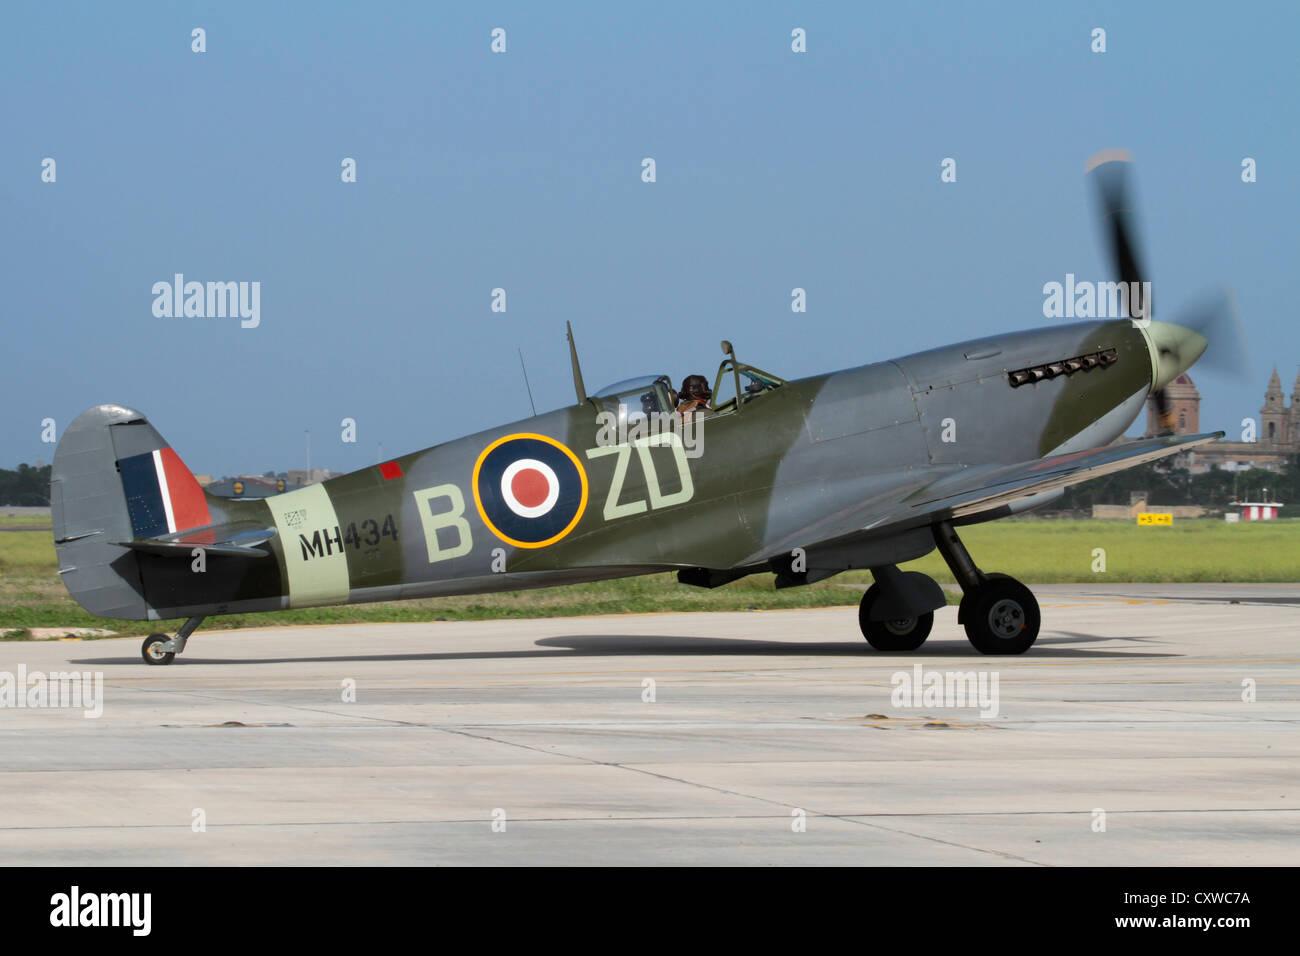 Supermarine Spitfire Mk IX World War 2 fighter plane taxiing